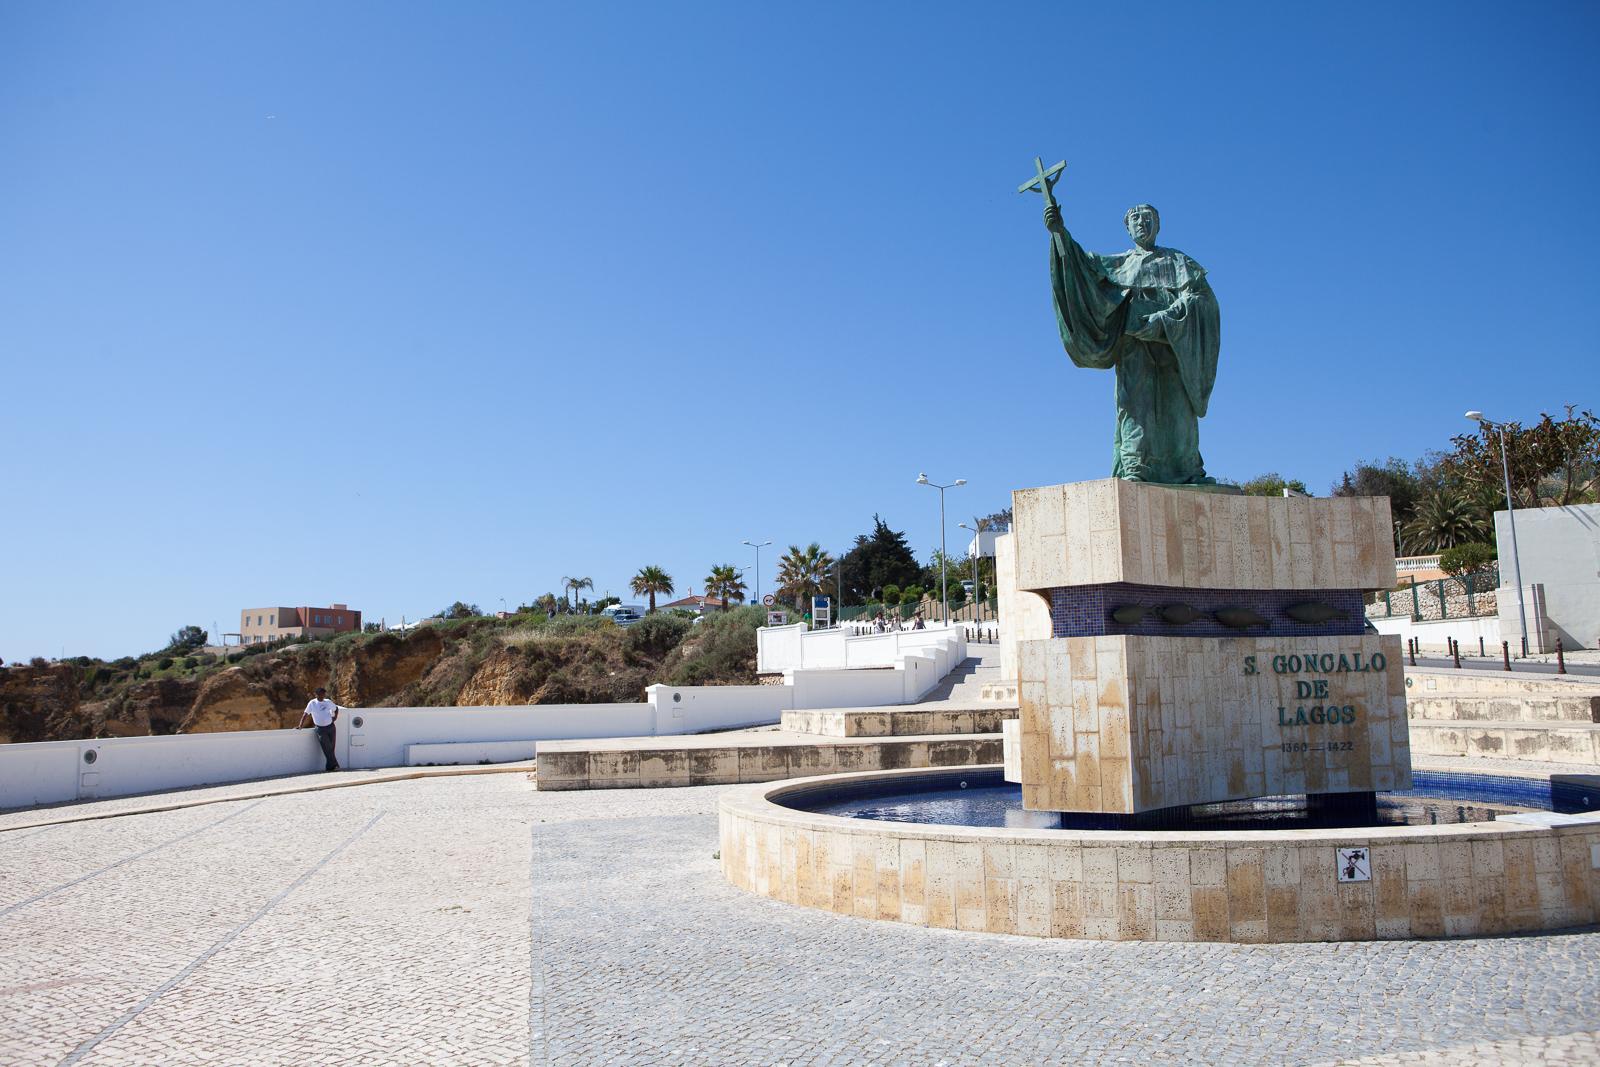 Dag06-Algarve-003-IMG_49435